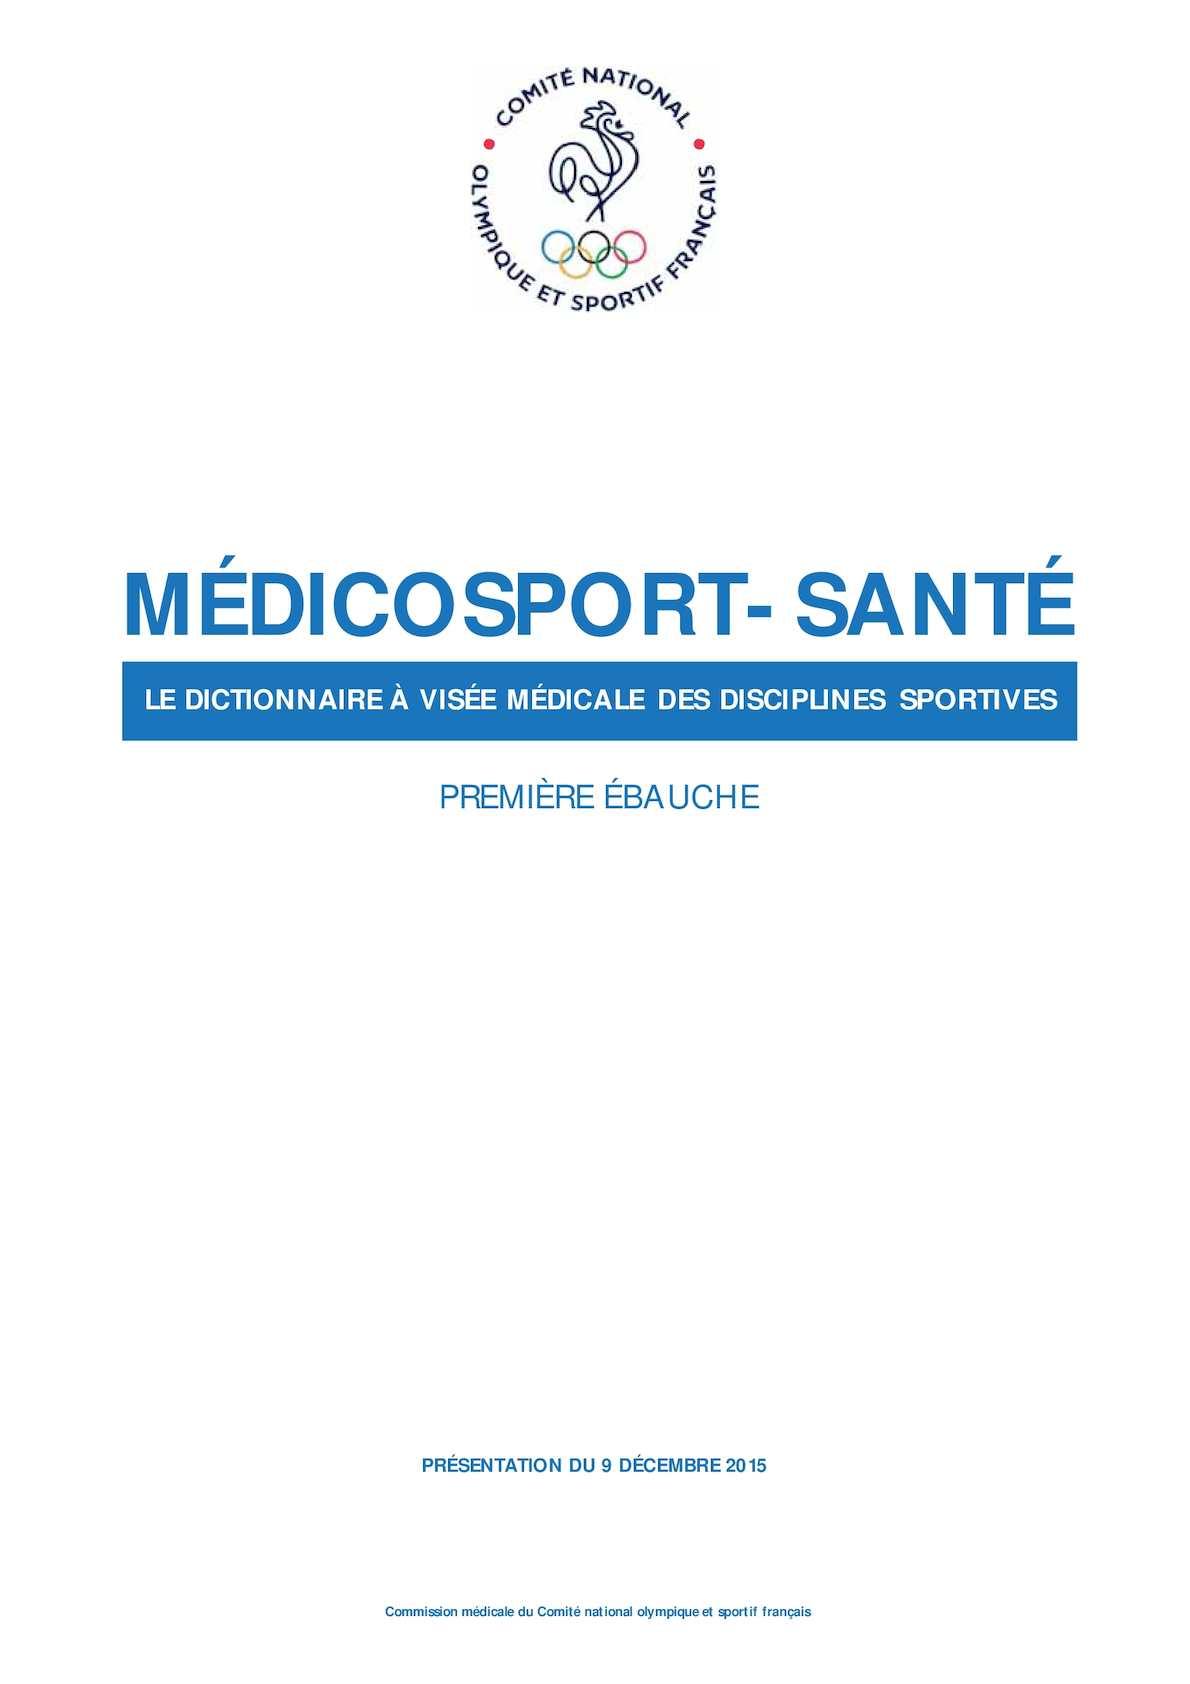 Calaméo - Medicosport Sante e5dfd4184bdc